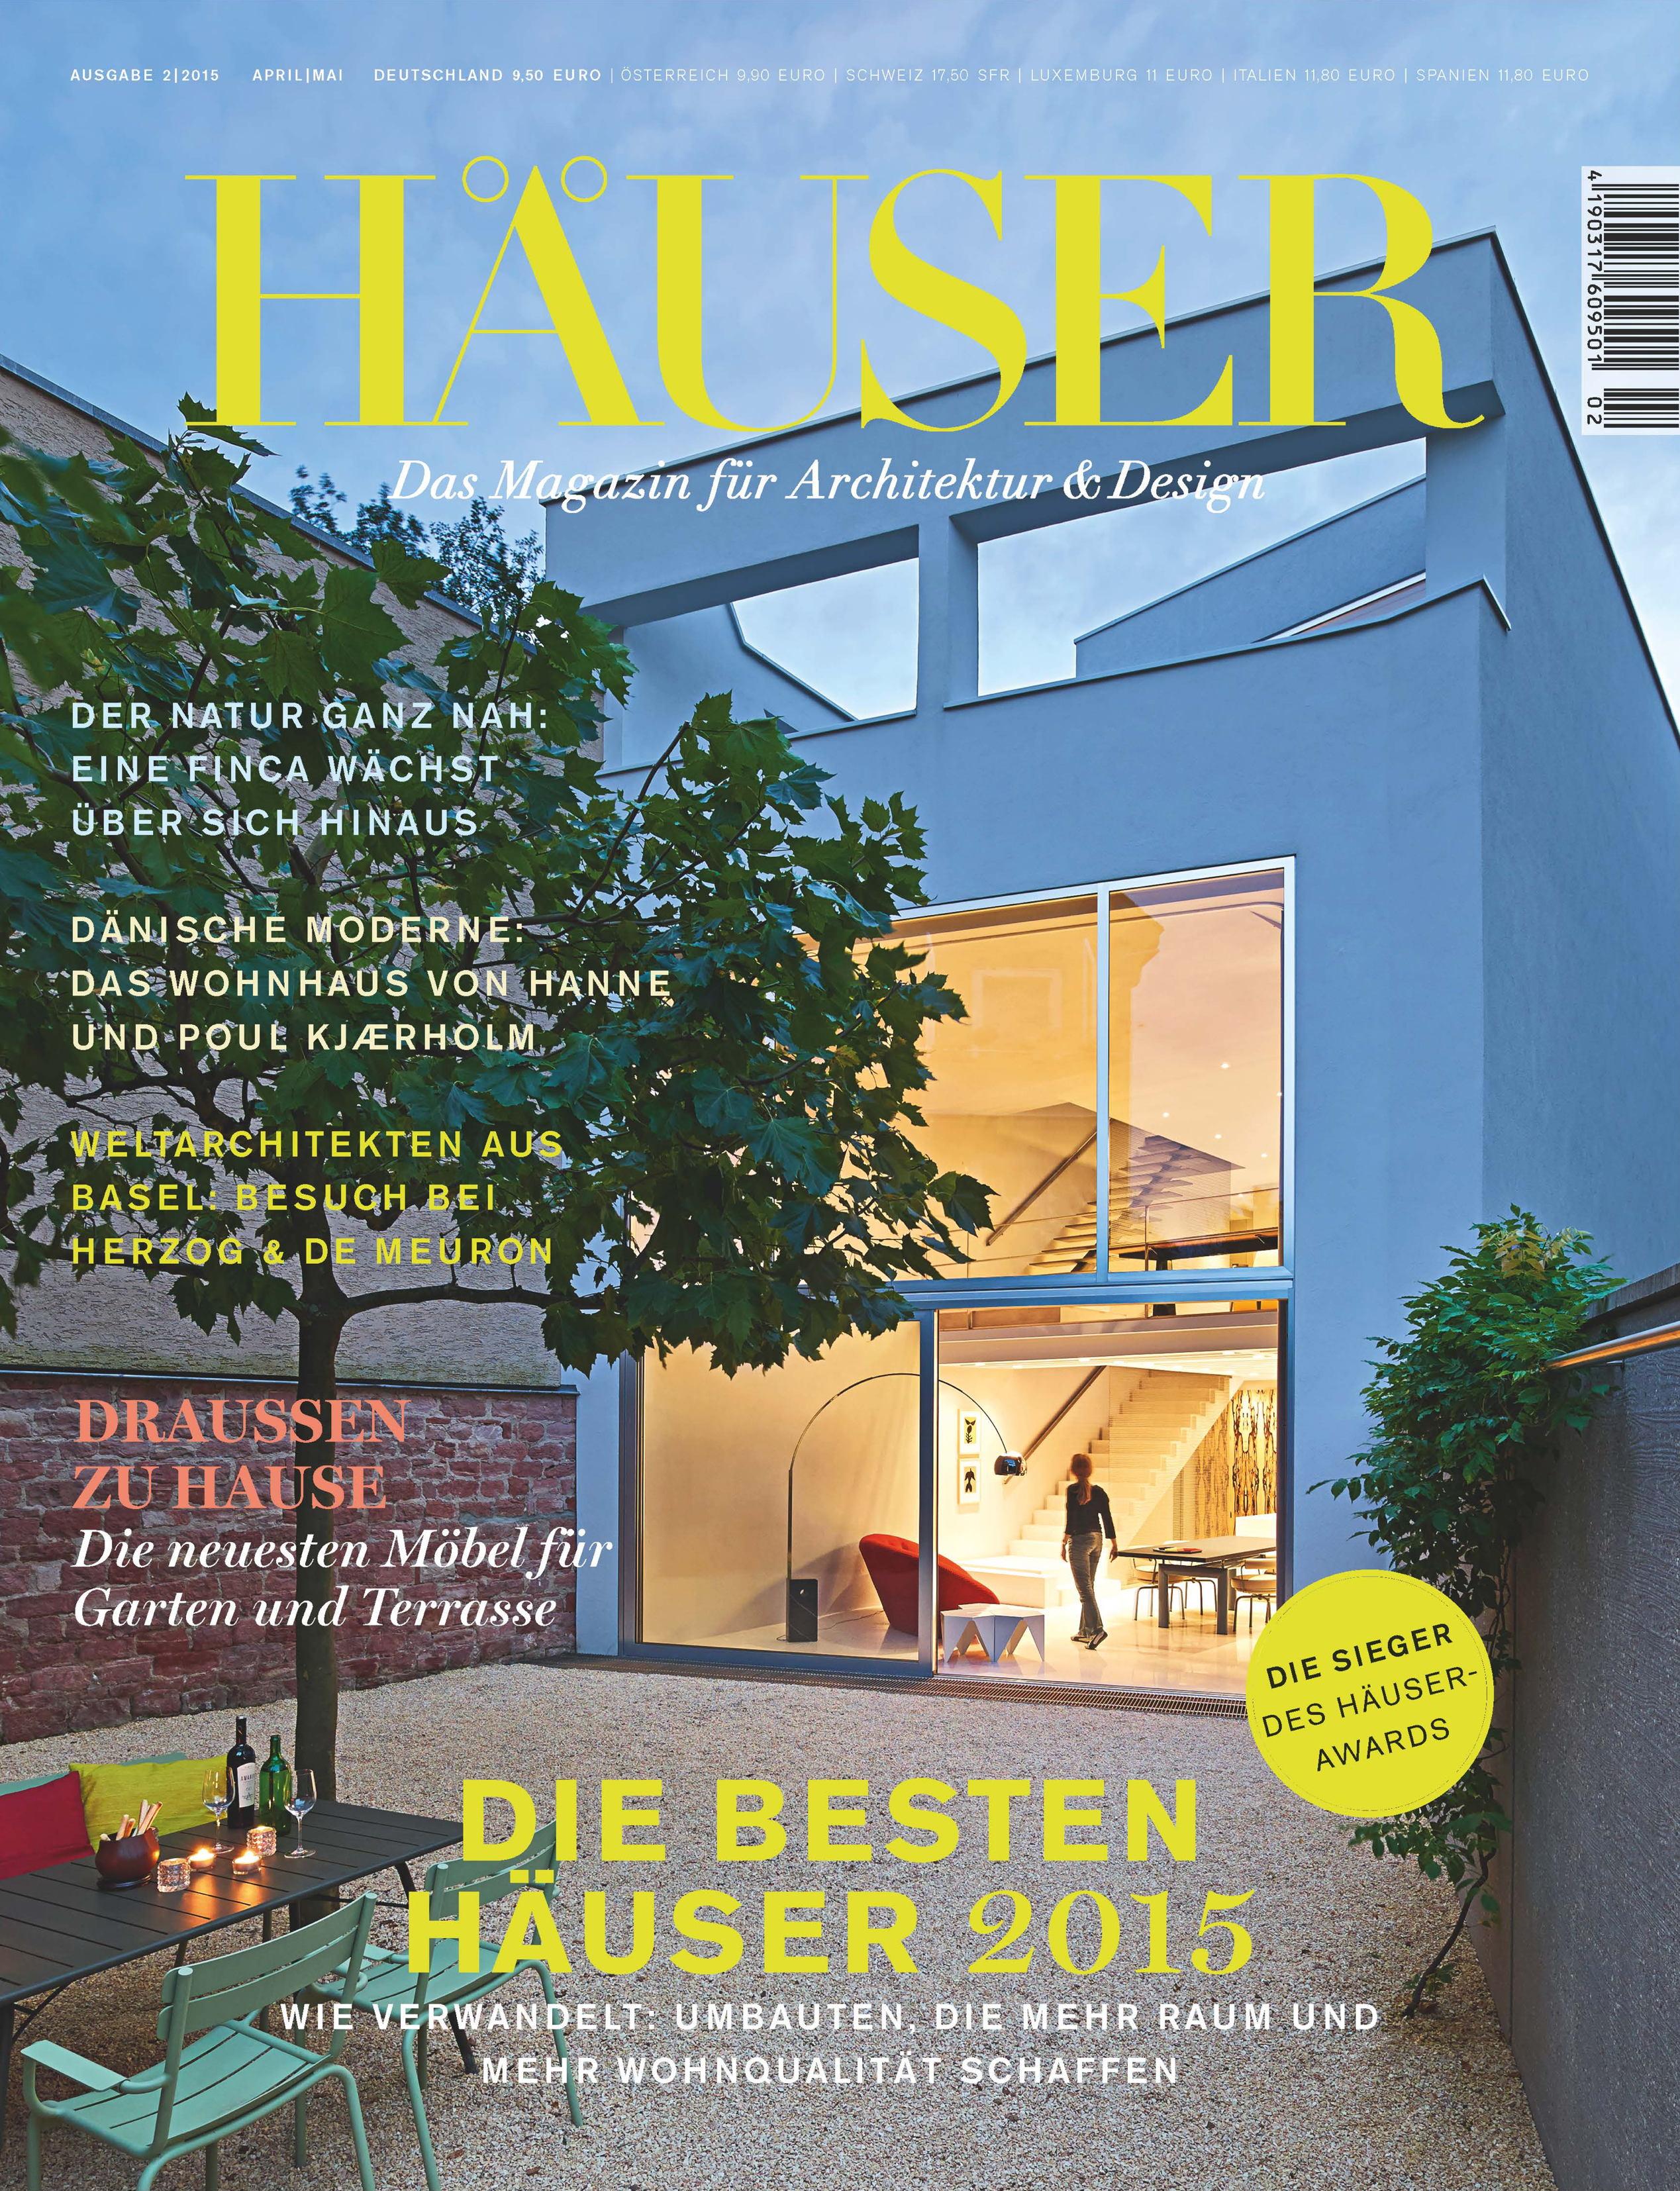 h user award 2015 die besten umbauten erweiterungen und modernisierungen die siegerobjekte. Black Bedroom Furniture Sets. Home Design Ideas